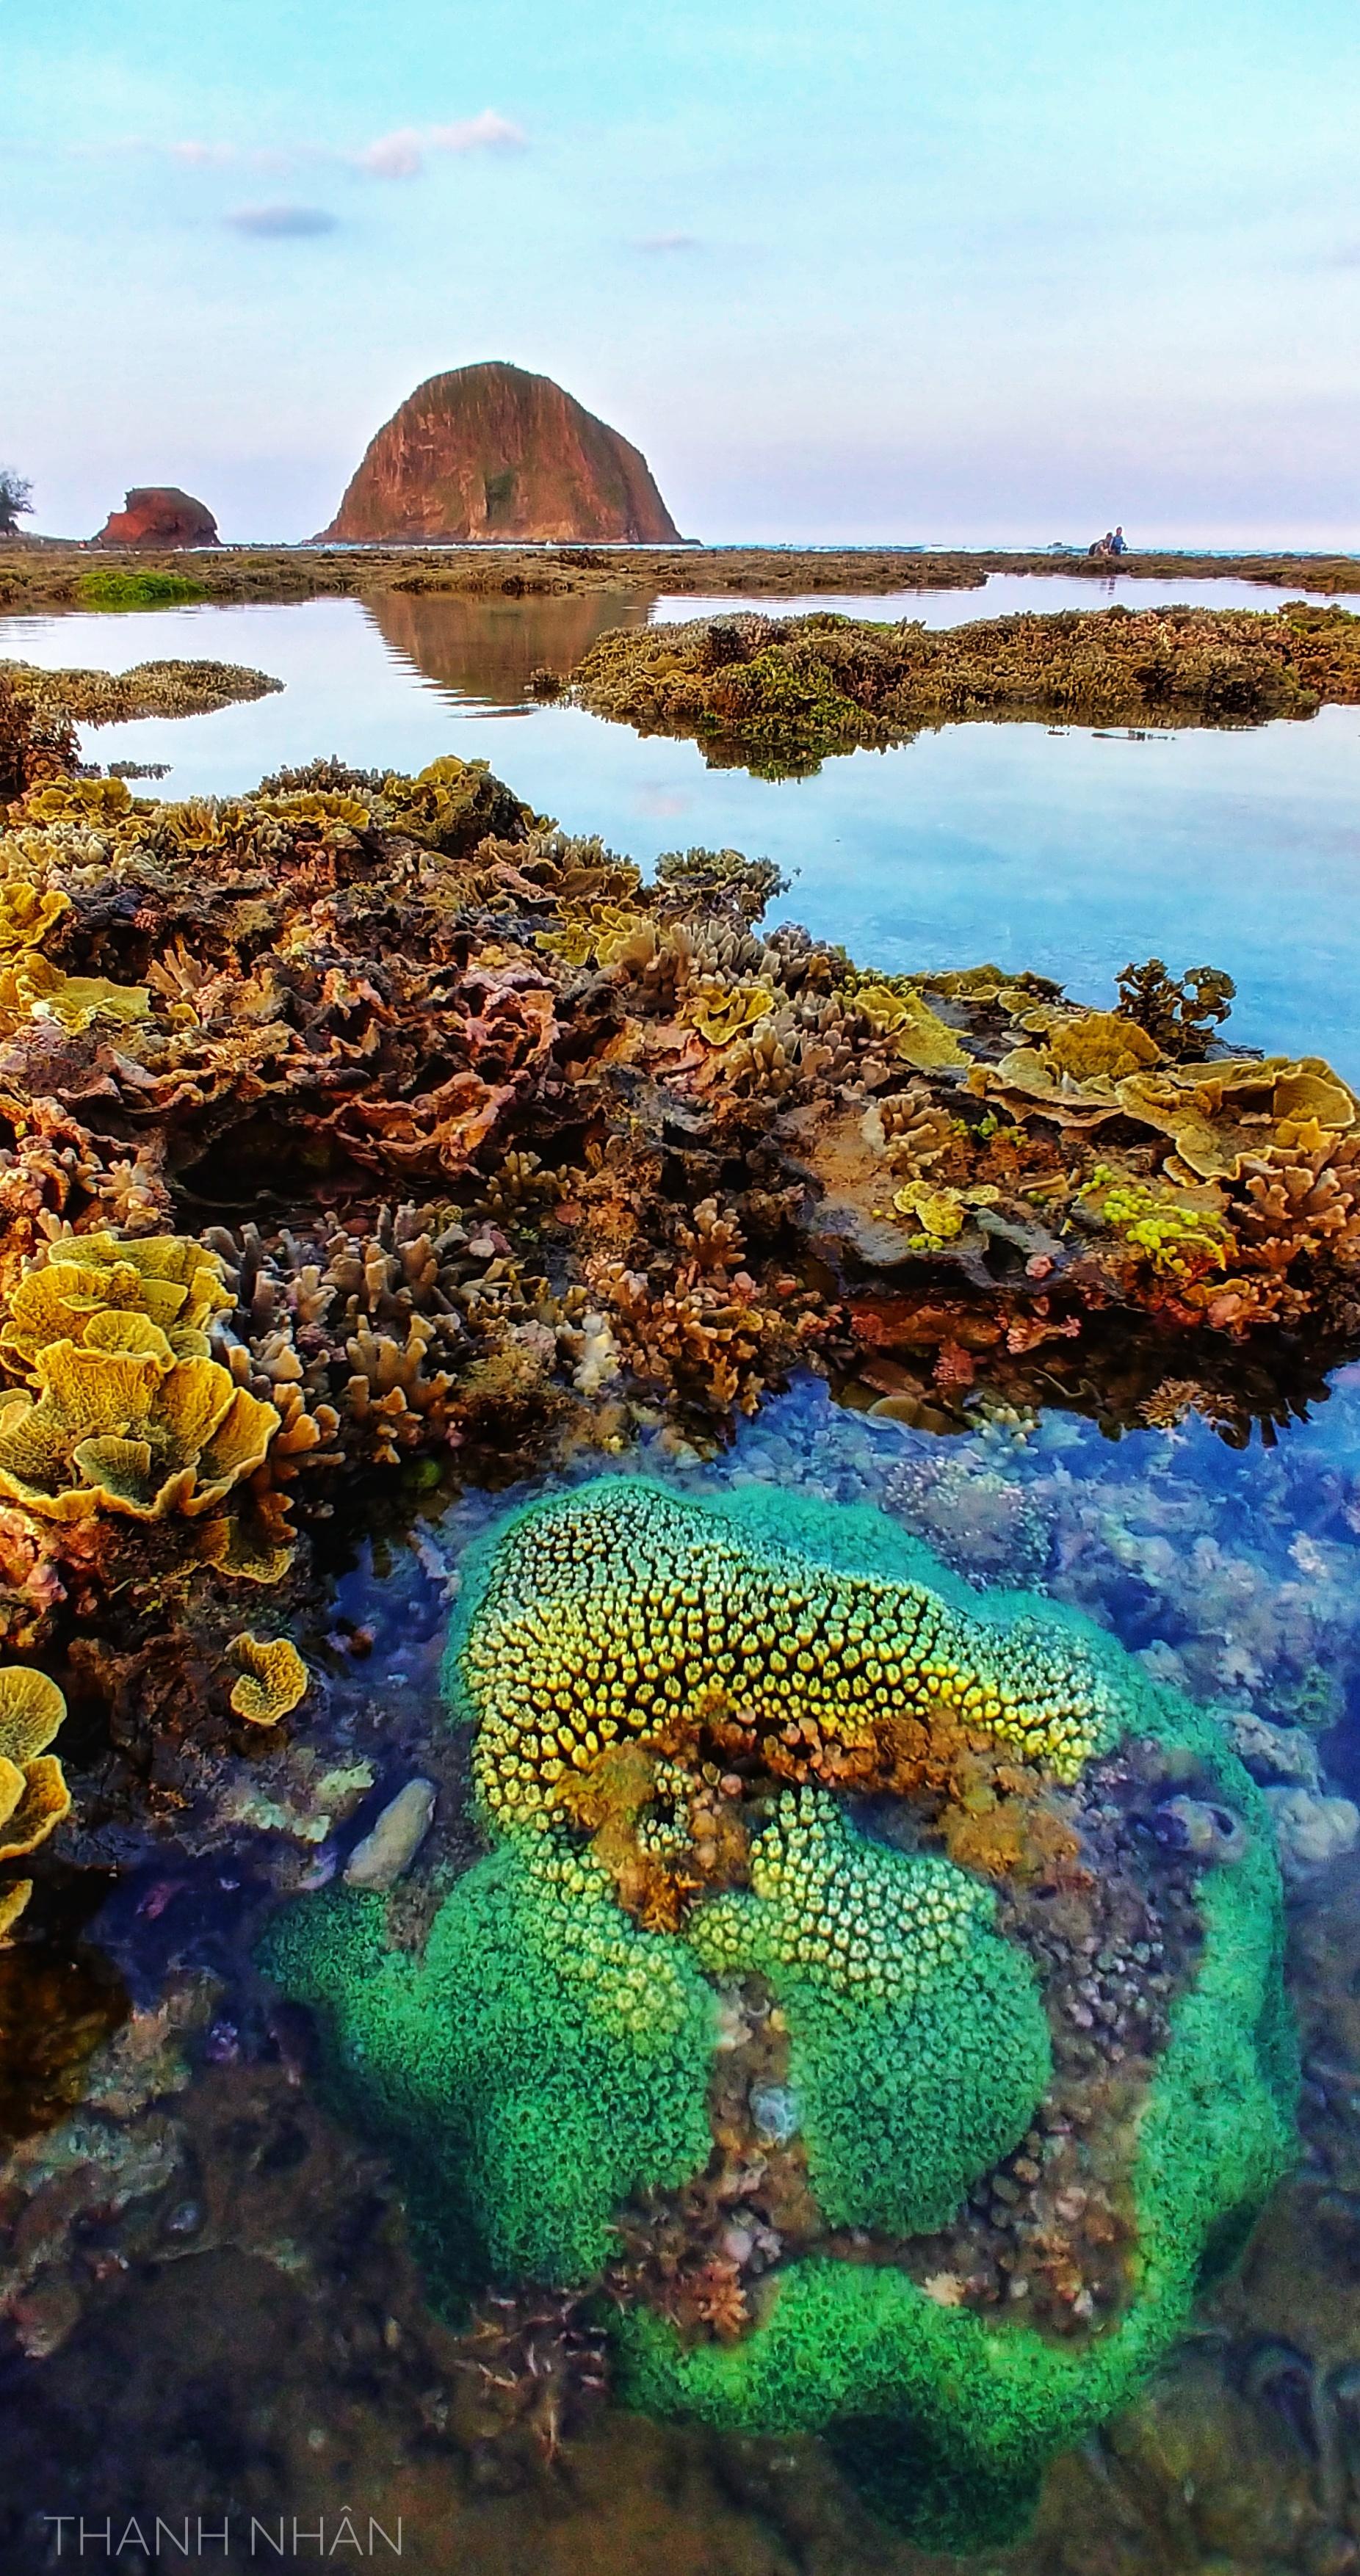 Tới Phú Yên ngắm rạn san hô trên cạn rực rỡ sắc màu